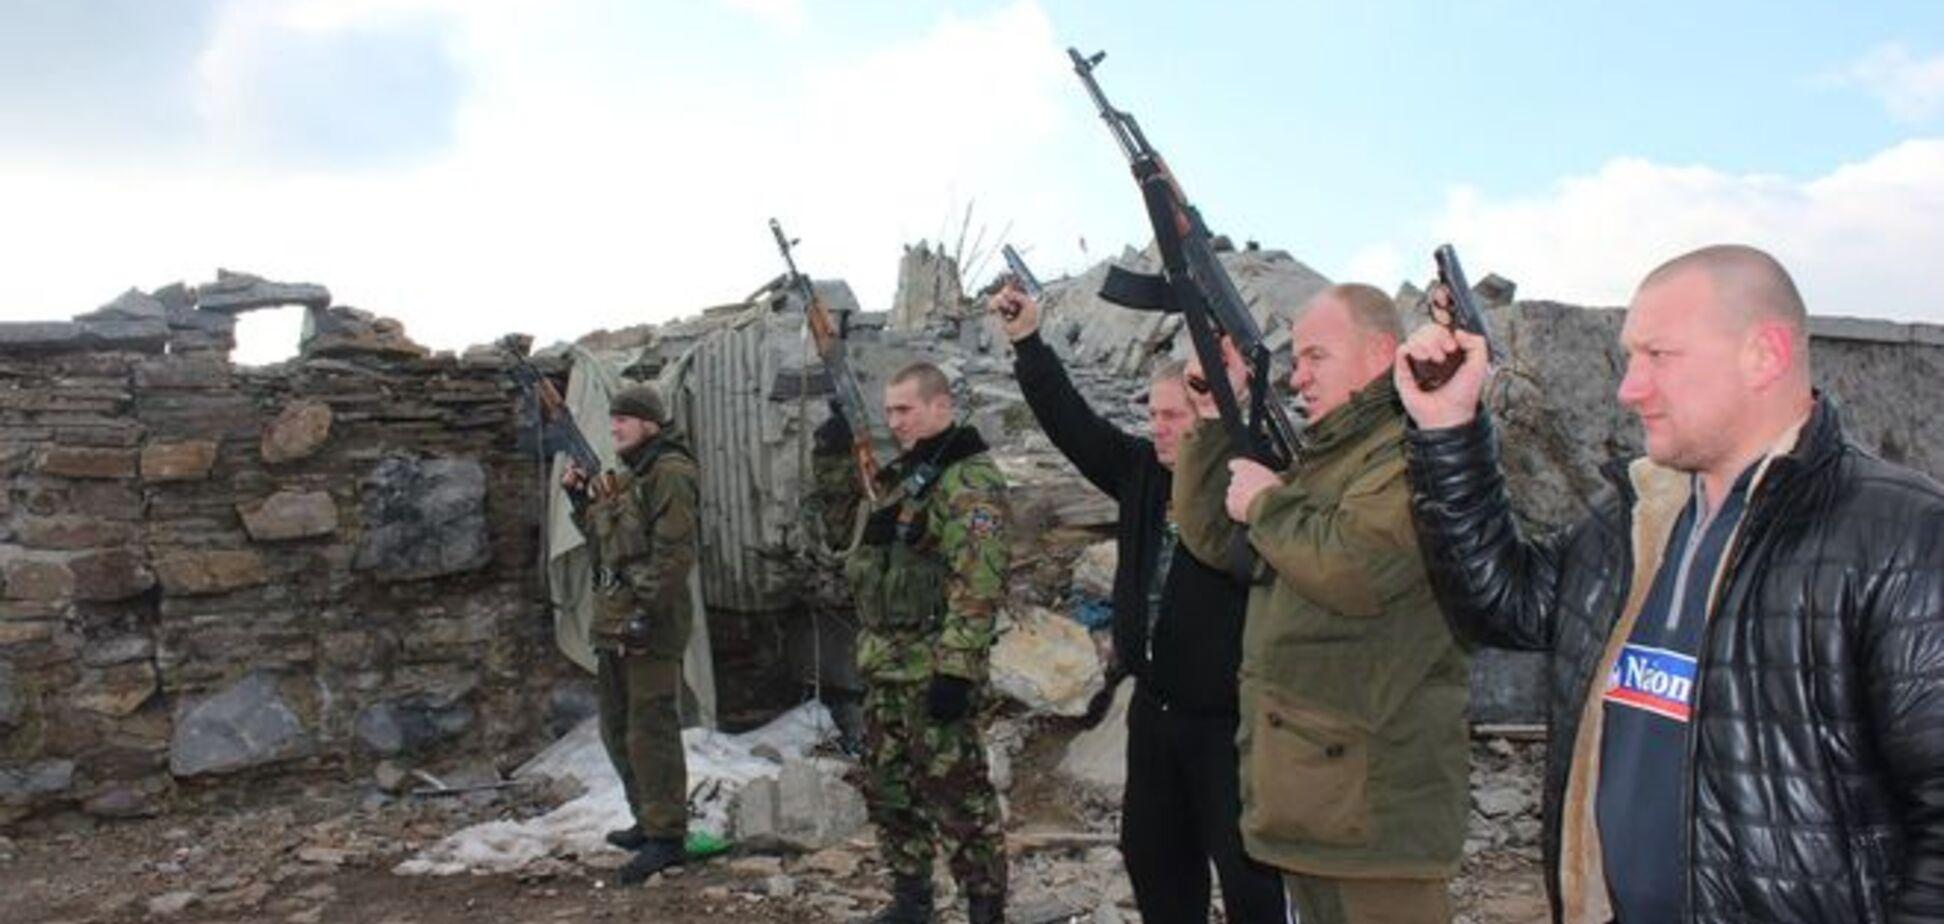 Террористы готовят диверсии на 20 марта в Донецке и Луганске - СБУ